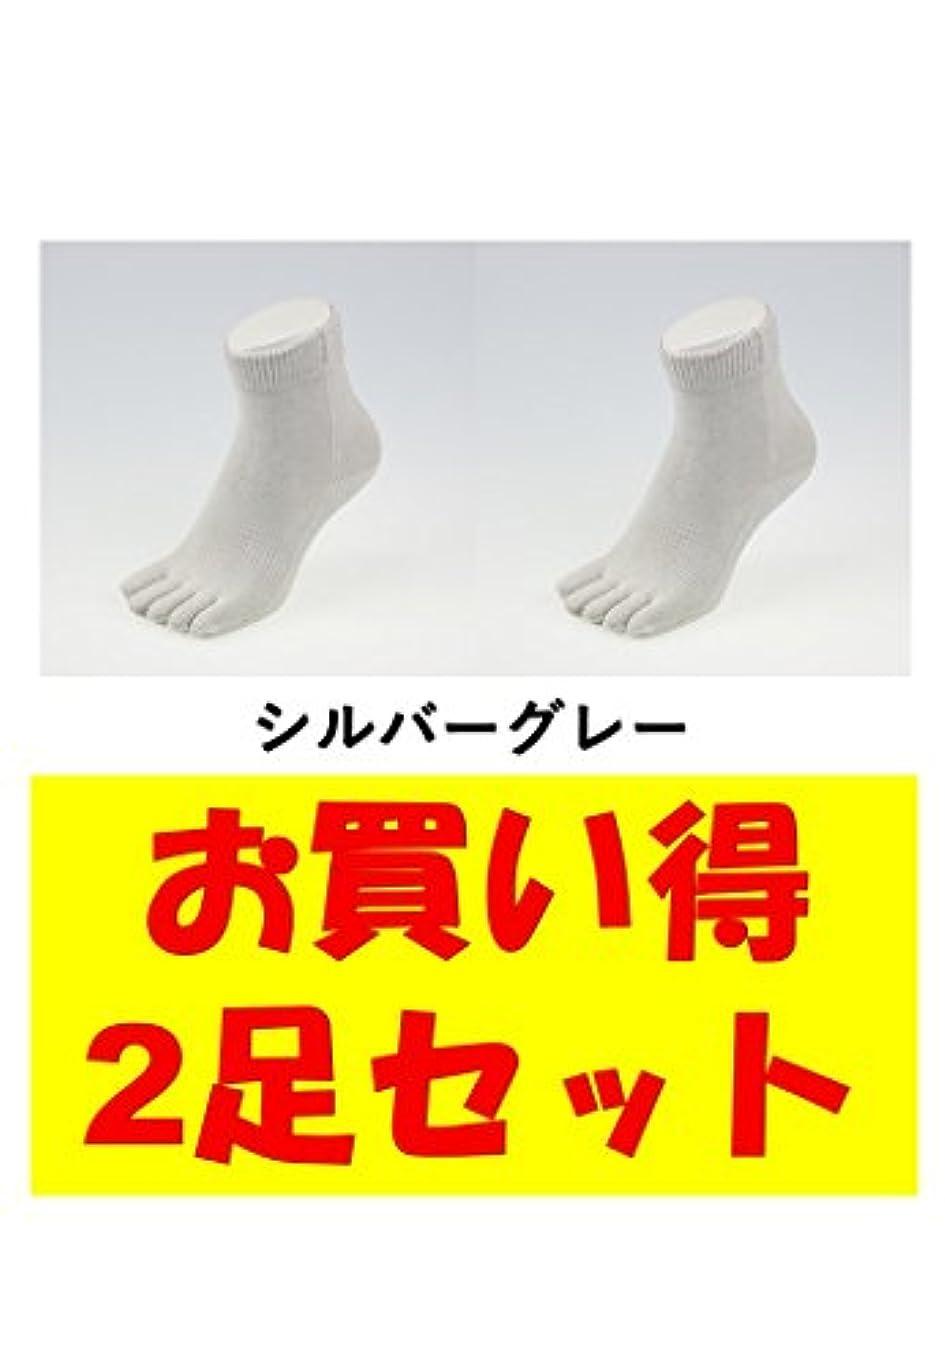 公平な証言するグレートオークお買い得2足セット 5本指 ゆびのばソックス Neo EVE(イヴ) シルバーグレー Sサイズ(21.0cm - 24.0cm) YSNEVE-SGL